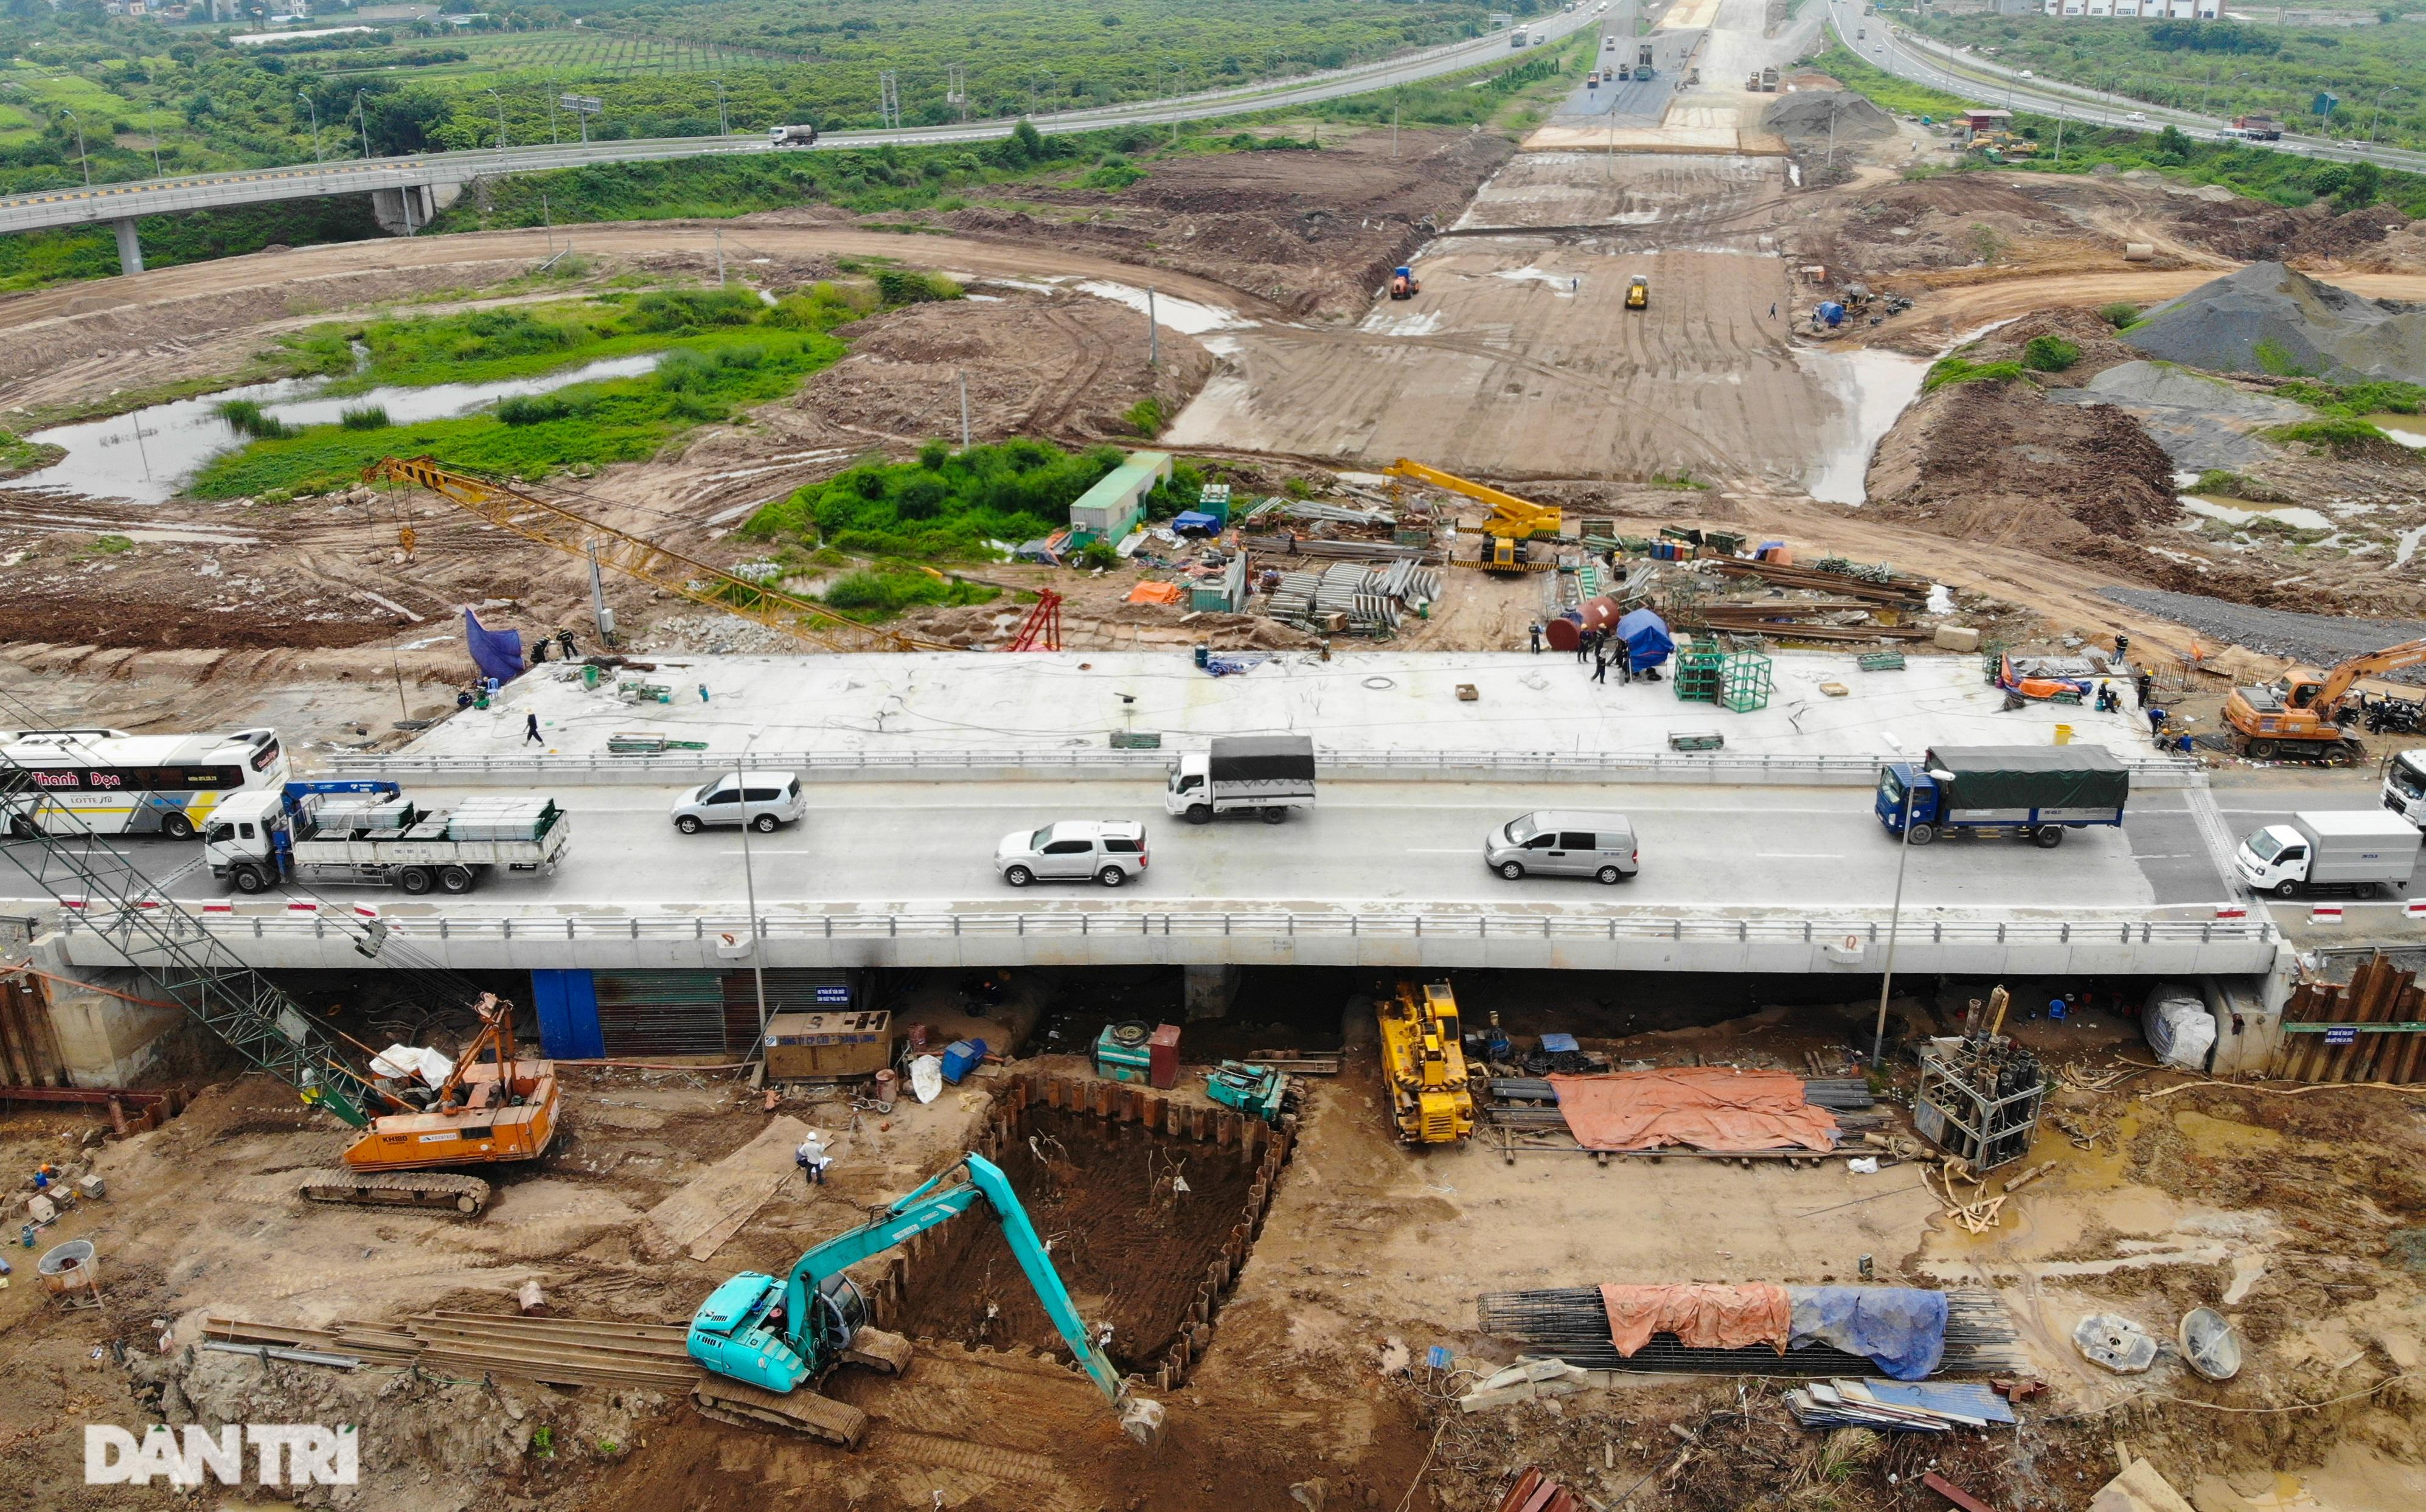 Đại công trường 400 tỷ đồng nối cao tốc Hà Nội - Hải Phòng và đường Cổ Linh - 1